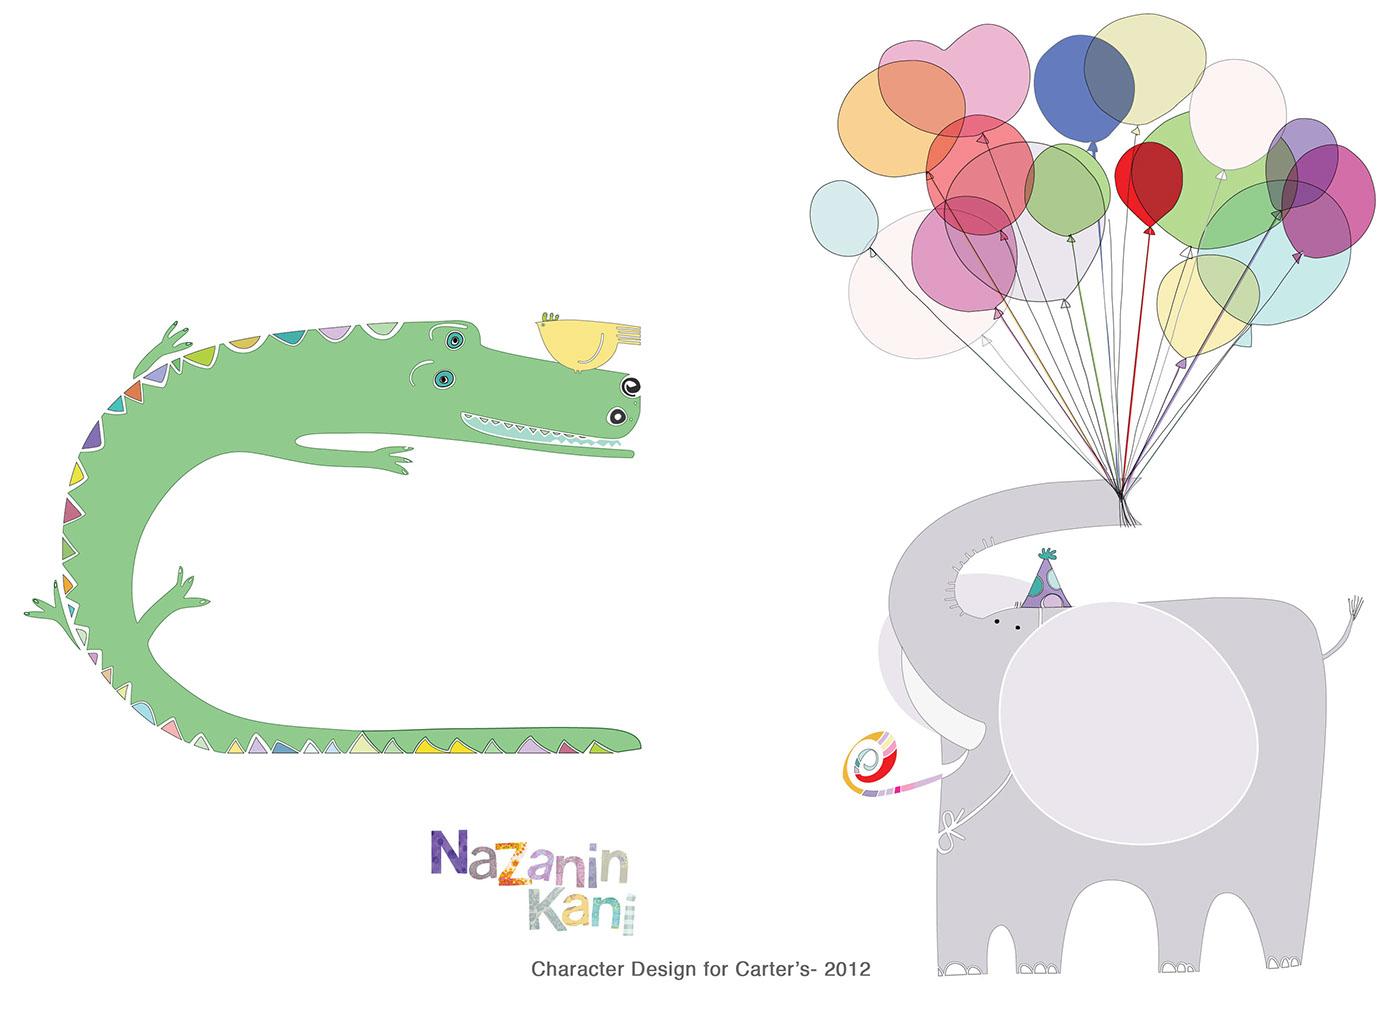 Character Design Jobs In Atlanta : Children book illustration on behance